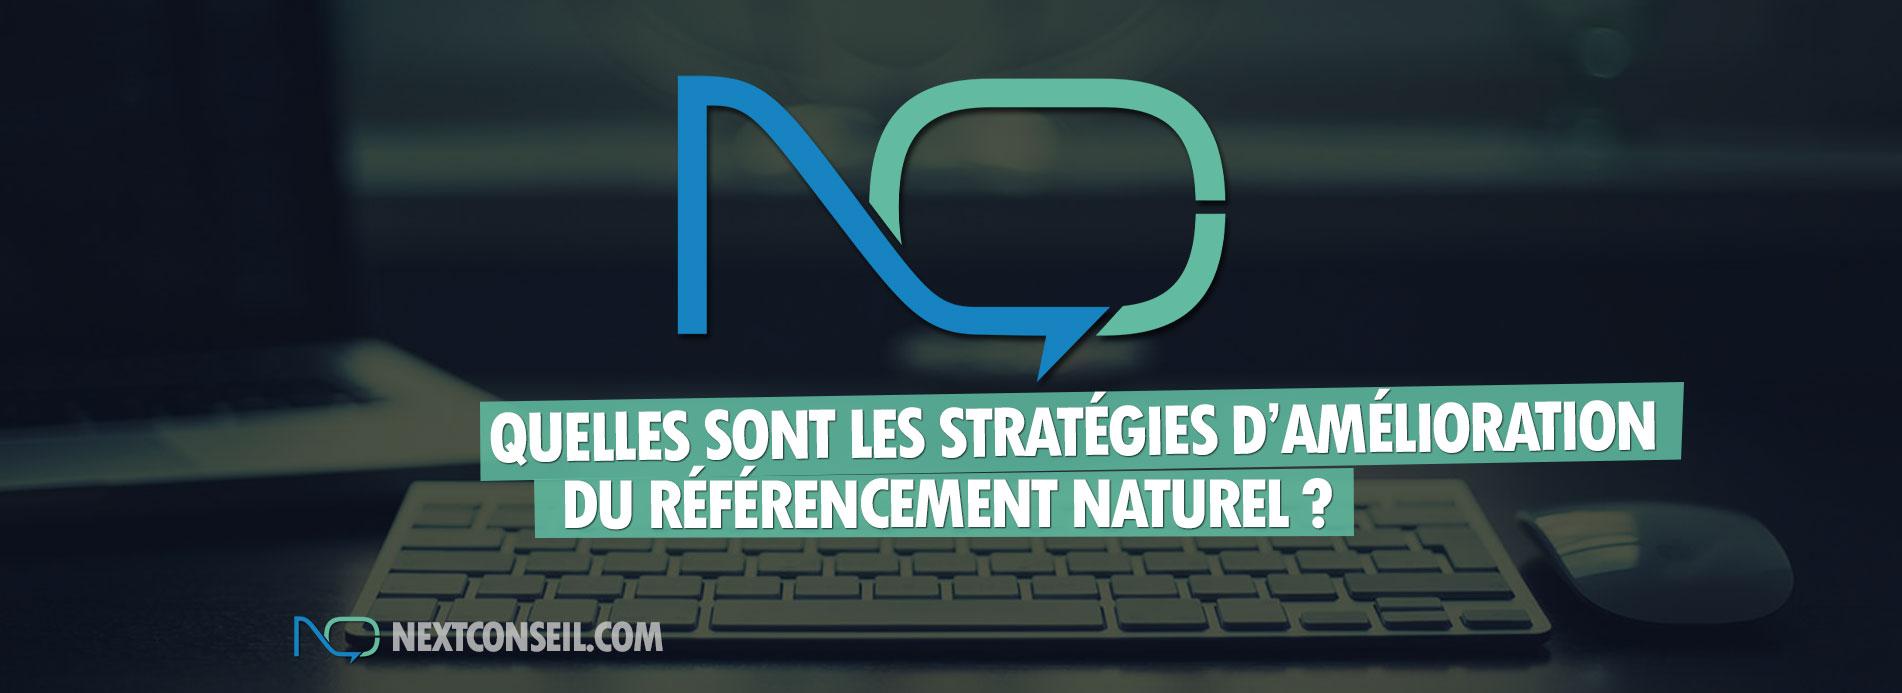 Quelles sont les stratégies d'amélioration du référencement naturel ?